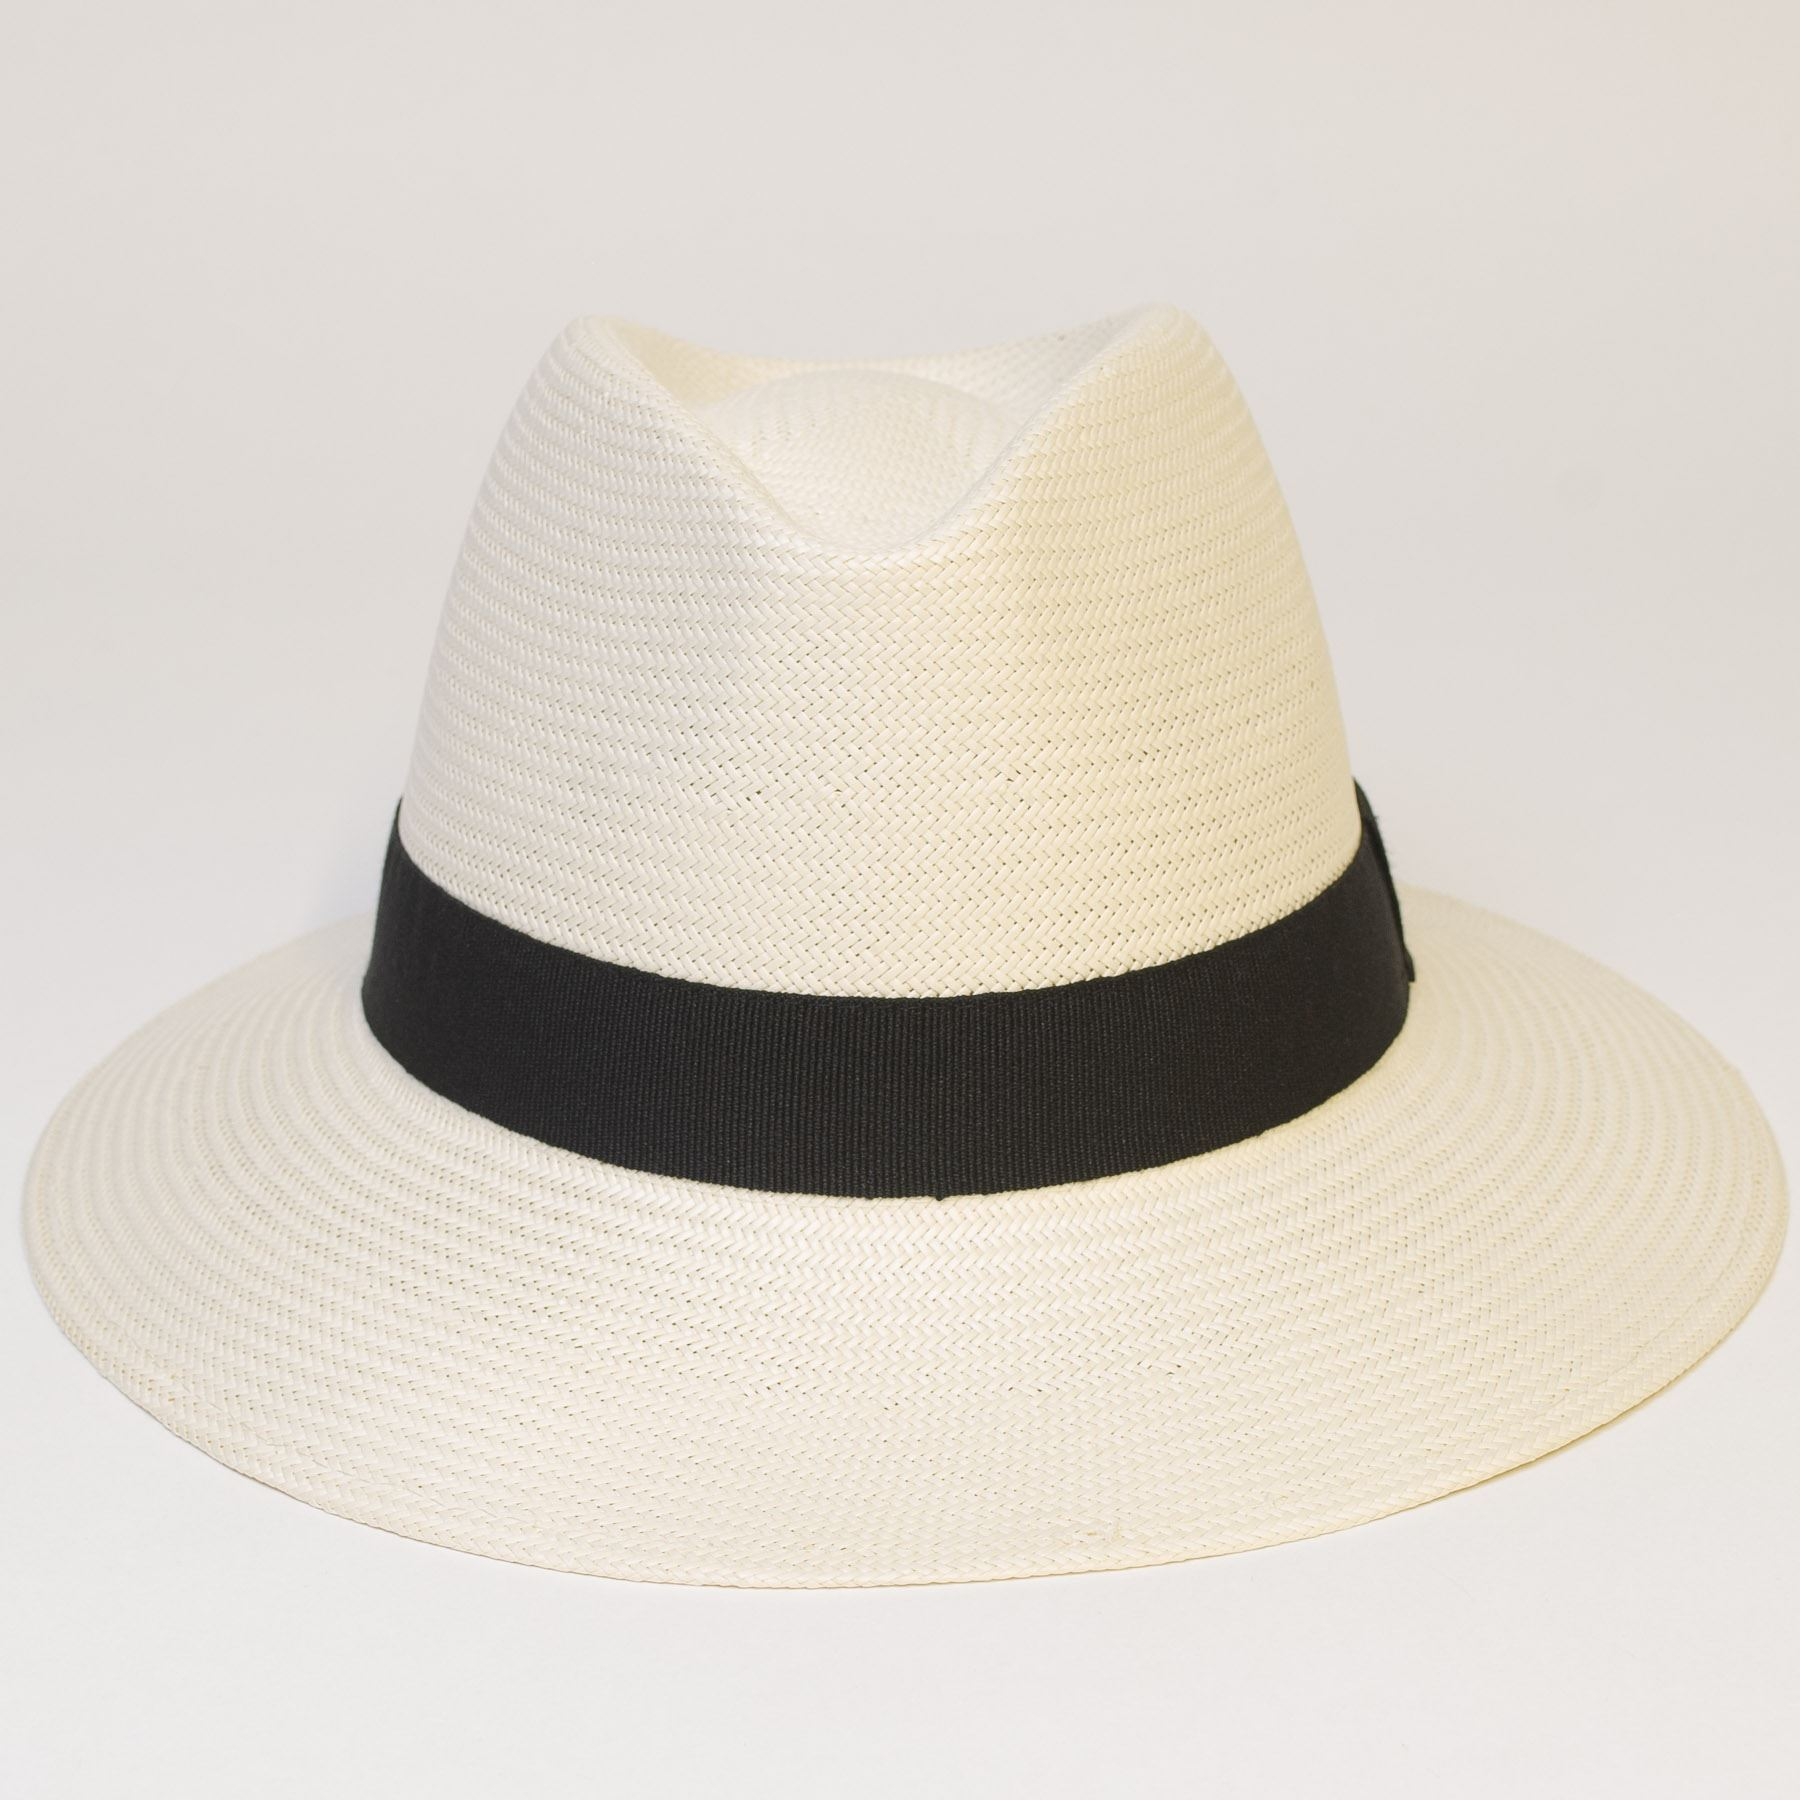 Panama Style Handmade Fedora Hat | eBay